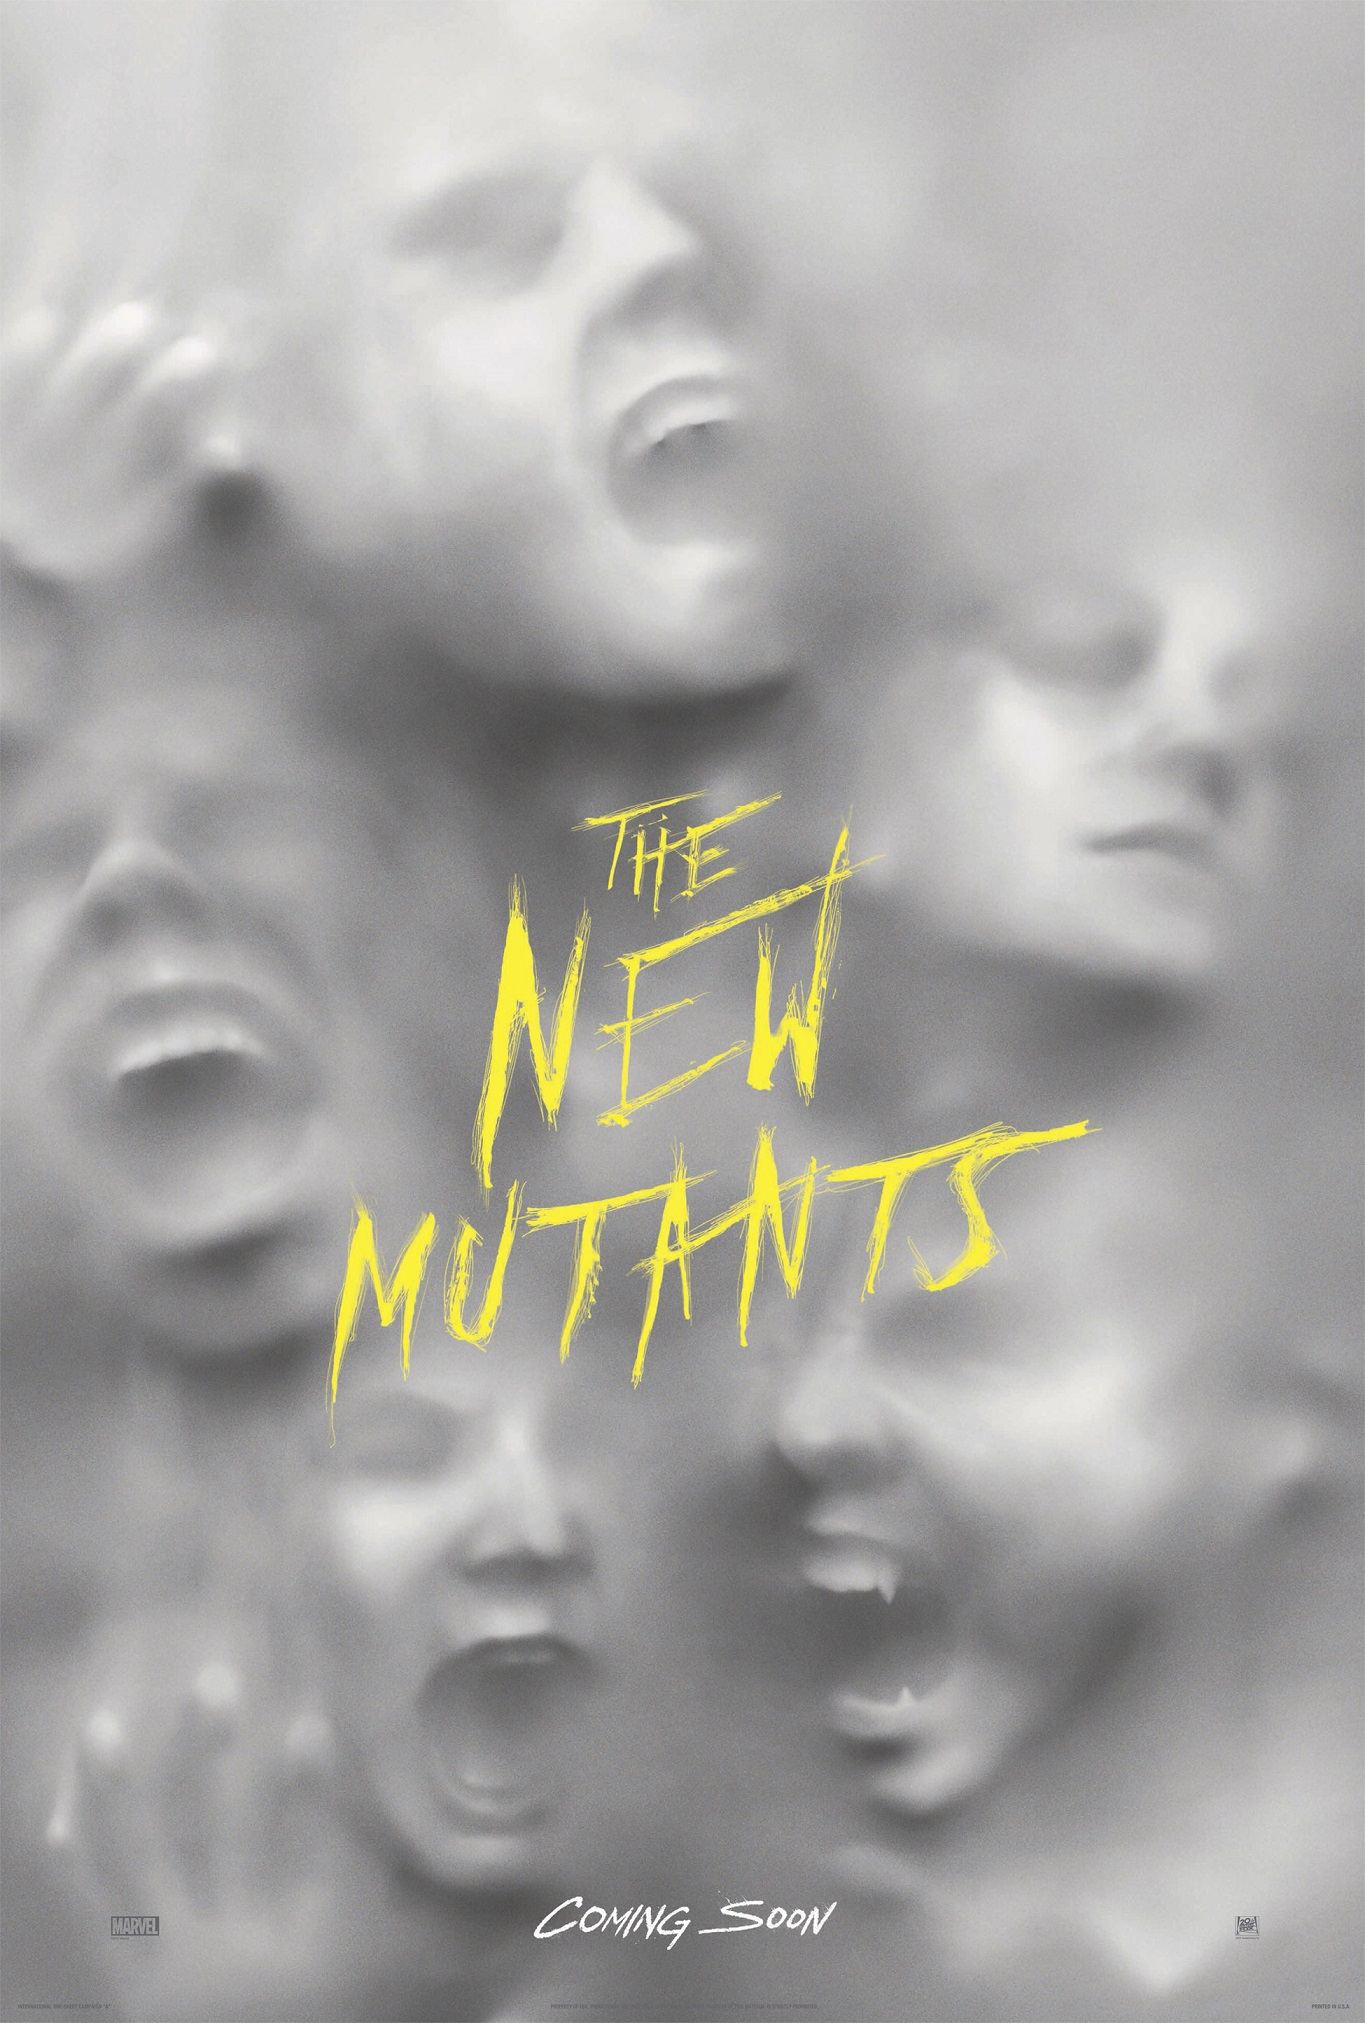 THE NEW MUTANTS _teaser poster